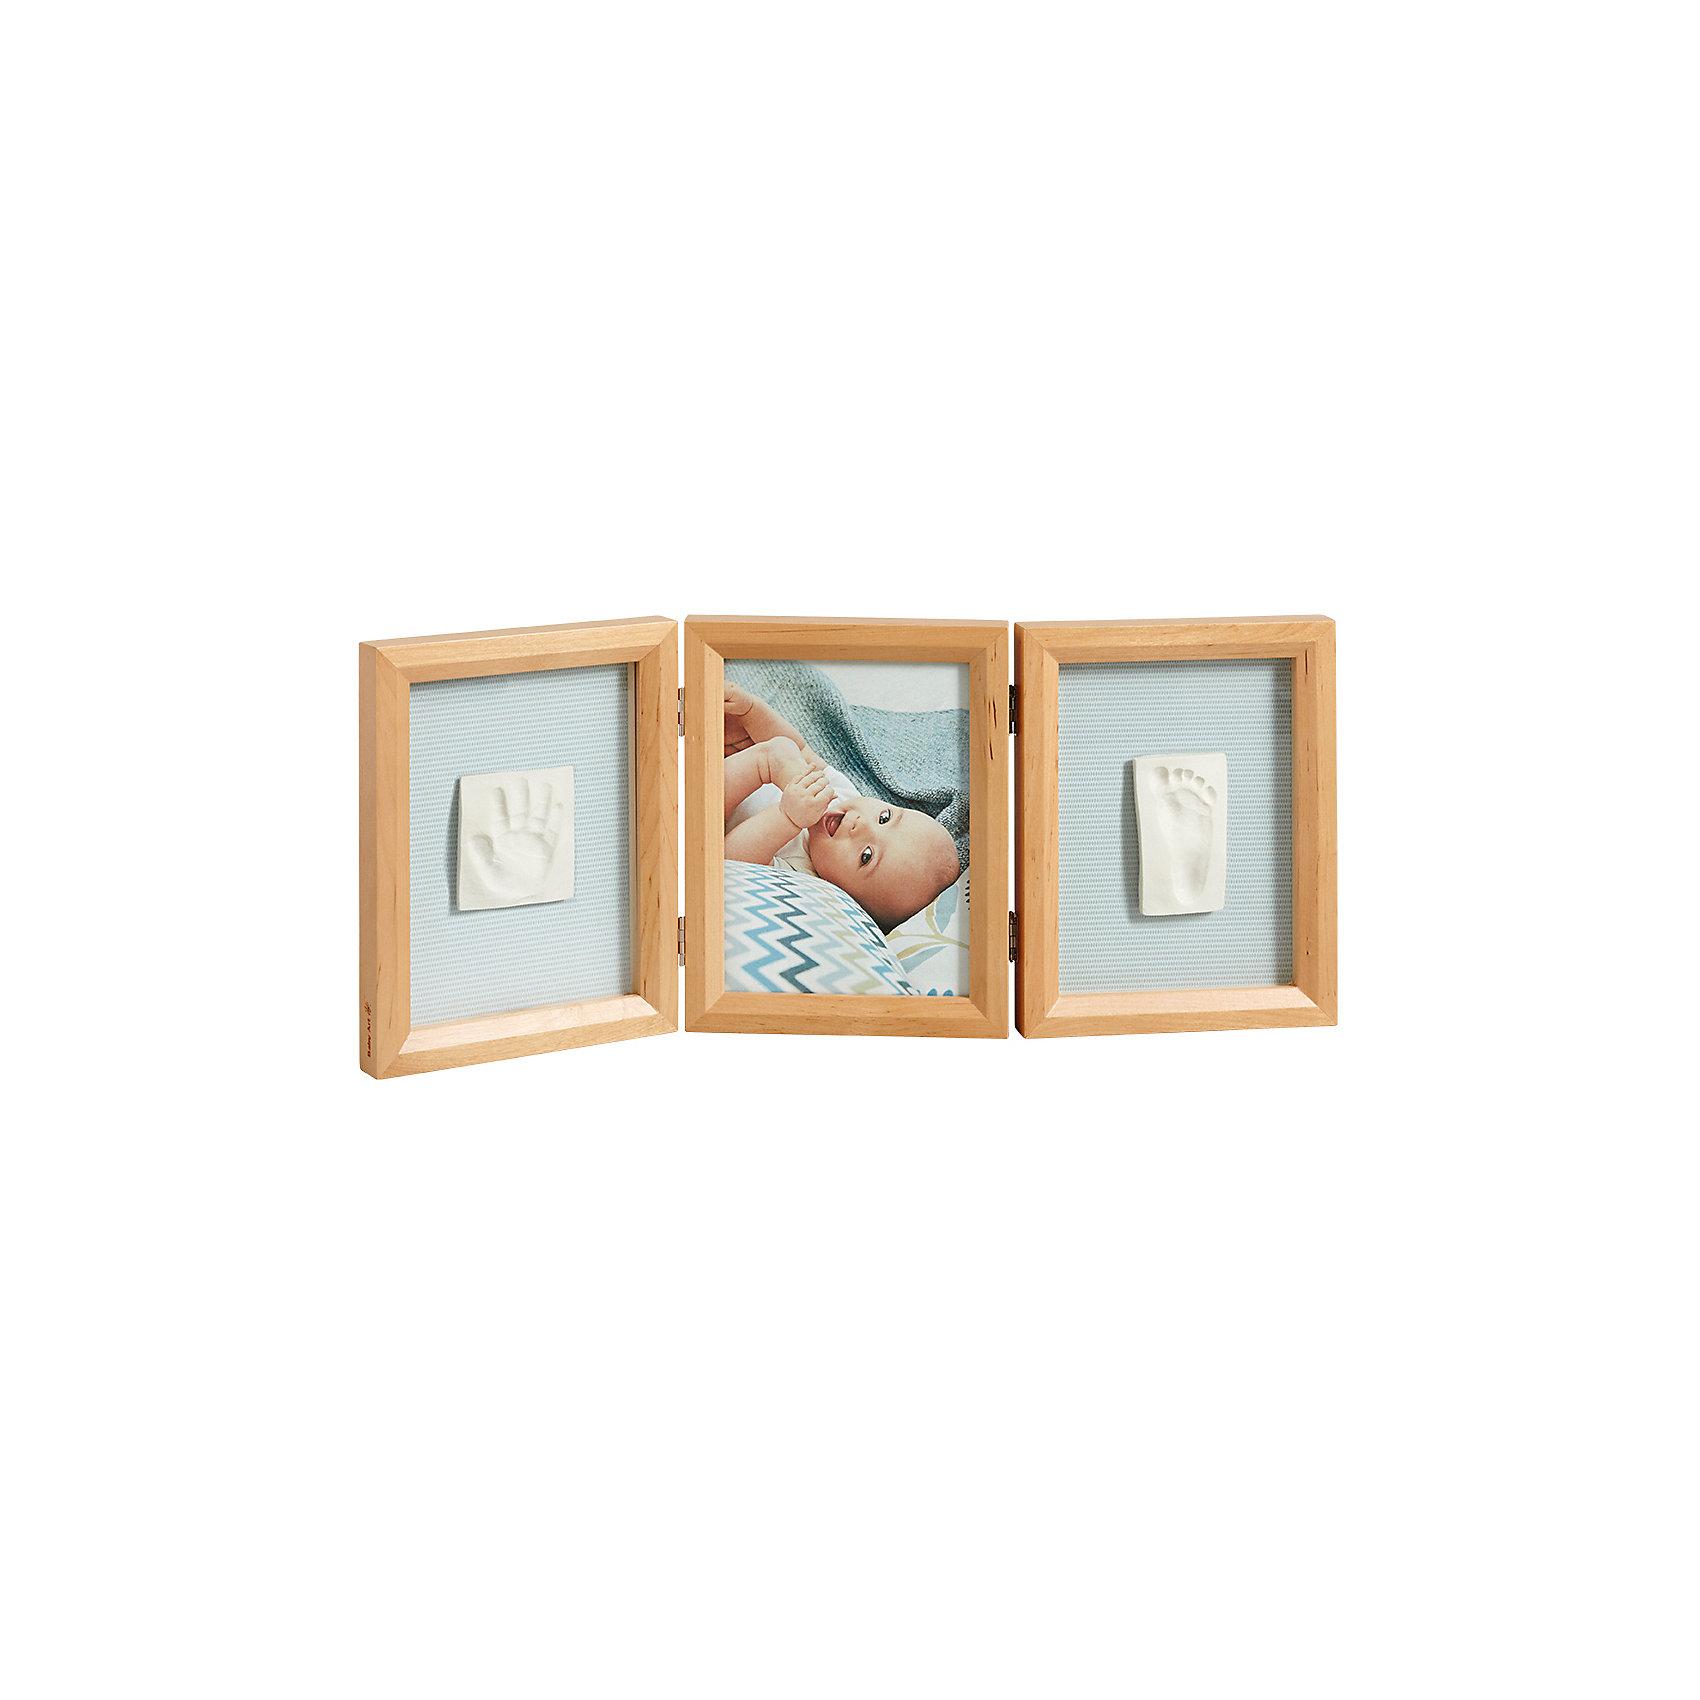 Фоторамка тройная, Baby Art, деревоСохранить отпечаток ручки или ножки малыша поможет гипсовая скульптура Baby Art (Бейби Арт), которую вы создадите вместе с малышом в самом юном его возрасте. Гипсовый отпечаток помещается в рамочку, внизу ставится подпись, а рядом также в рамочке ставится фотография крохи.<br> <br><br>Процесс создания слепка:<br>• материал надо размять руками и раскатать скалкой;<br>• оставить отпечаток ручки и ножки малыша;<br>• обрезать лишние края основы (желательно выравнивать края под линейку, сделать 4 среза);<br>• оставить гипс сохнуть;<br>• приклеить слепок в окошко рамки;<br>• поместить фотографию ребенка в соседнее окошко.<br>Размер одной створки: 21x16,5x1,7 см<br>Комплектация набора «Double Print Frame»:<br>• тройная фоторамка;<br>• гипсовый слепок;<br>• скалка;<br>• двусторонняя клейкая лента;<br>• наклейки: карточки для подписи, птички;<br>• инструкция. <br>Фоторамку тройную, Baby Art, дерево можно купить в нашем интернет-магазине.<br><br>Ширина мм: 227<br>Глубина мм: 182<br>Высота мм: 101<br>Вес г: 1207<br>Возраст от месяцев: 0<br>Возраст до месяцев: 12<br>Пол: Унисекс<br>Возраст: Детский<br>SKU: 4353363